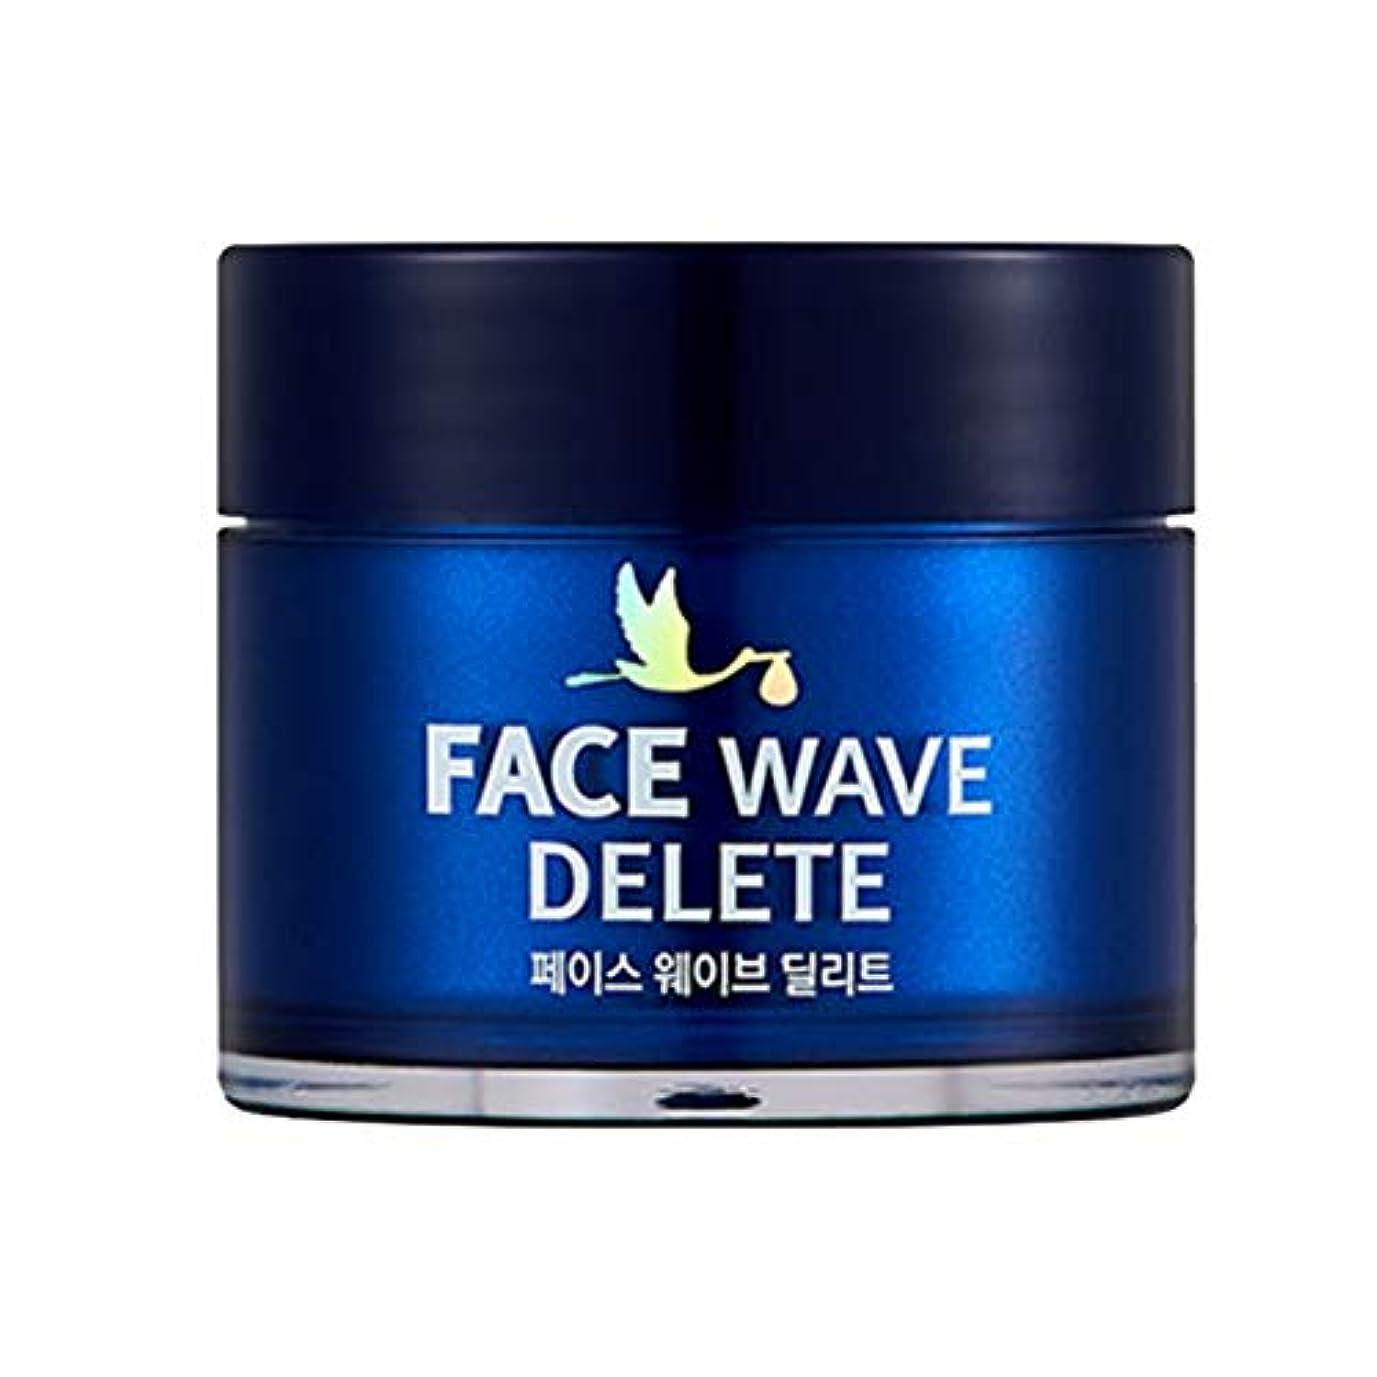 トランジスタ告白する芝生bona medusa FACE WAVE DELETE しわ集中改善クリームすべての肌用30g[海外直送品]